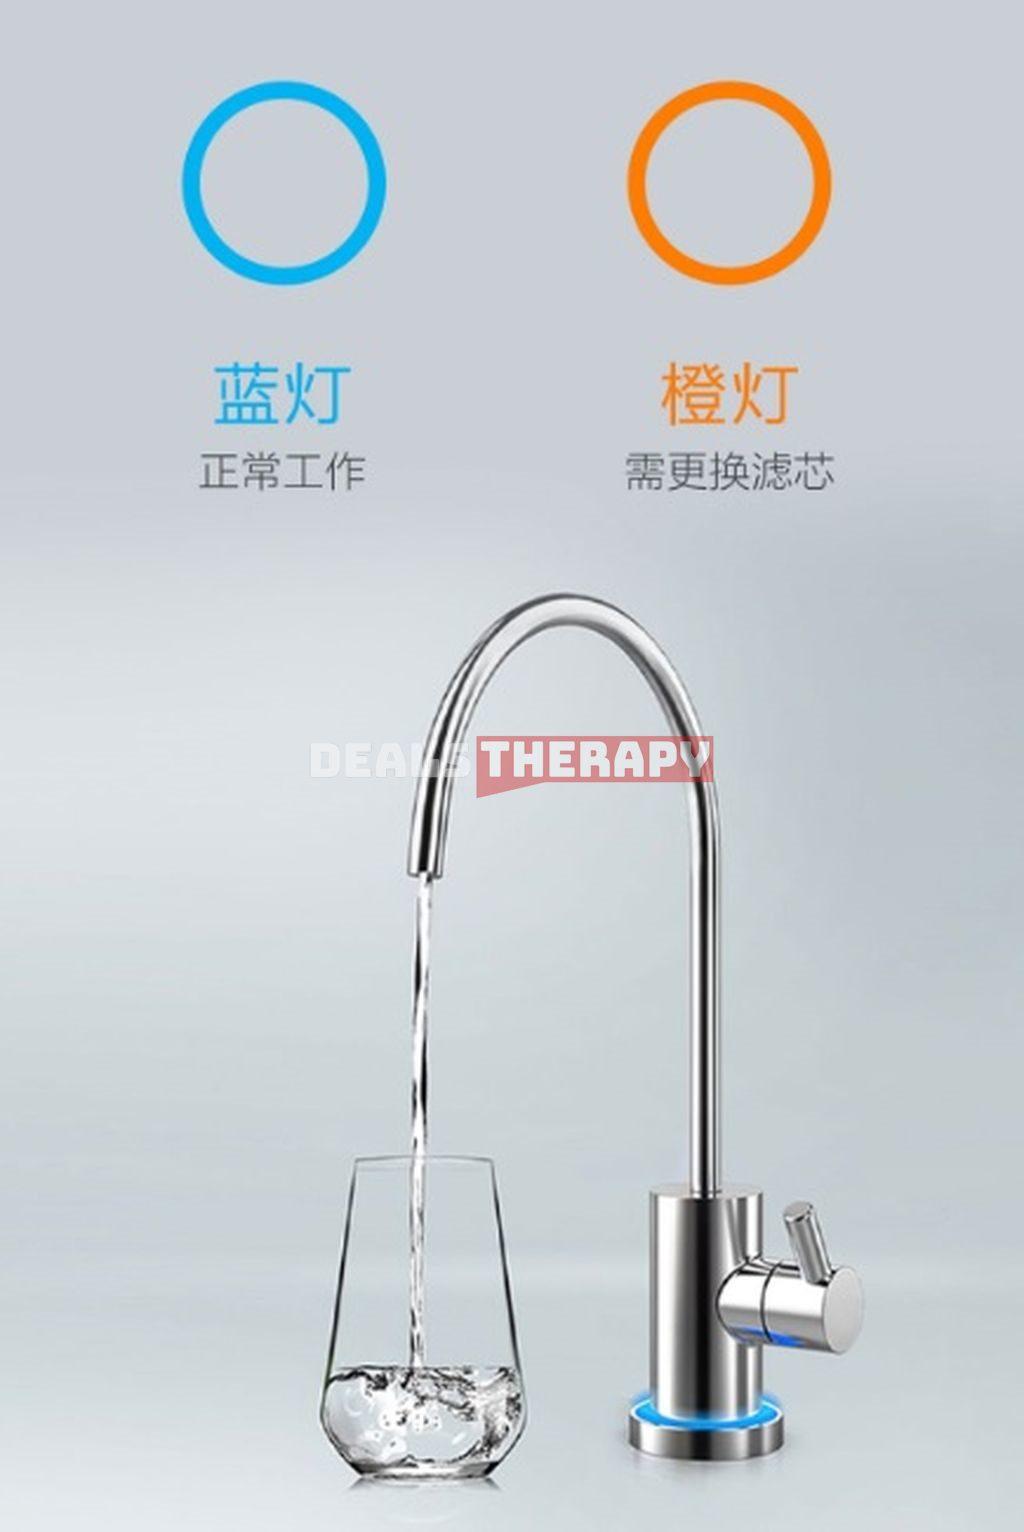 Xiaomi Water Purifier 400G Enhanced Version